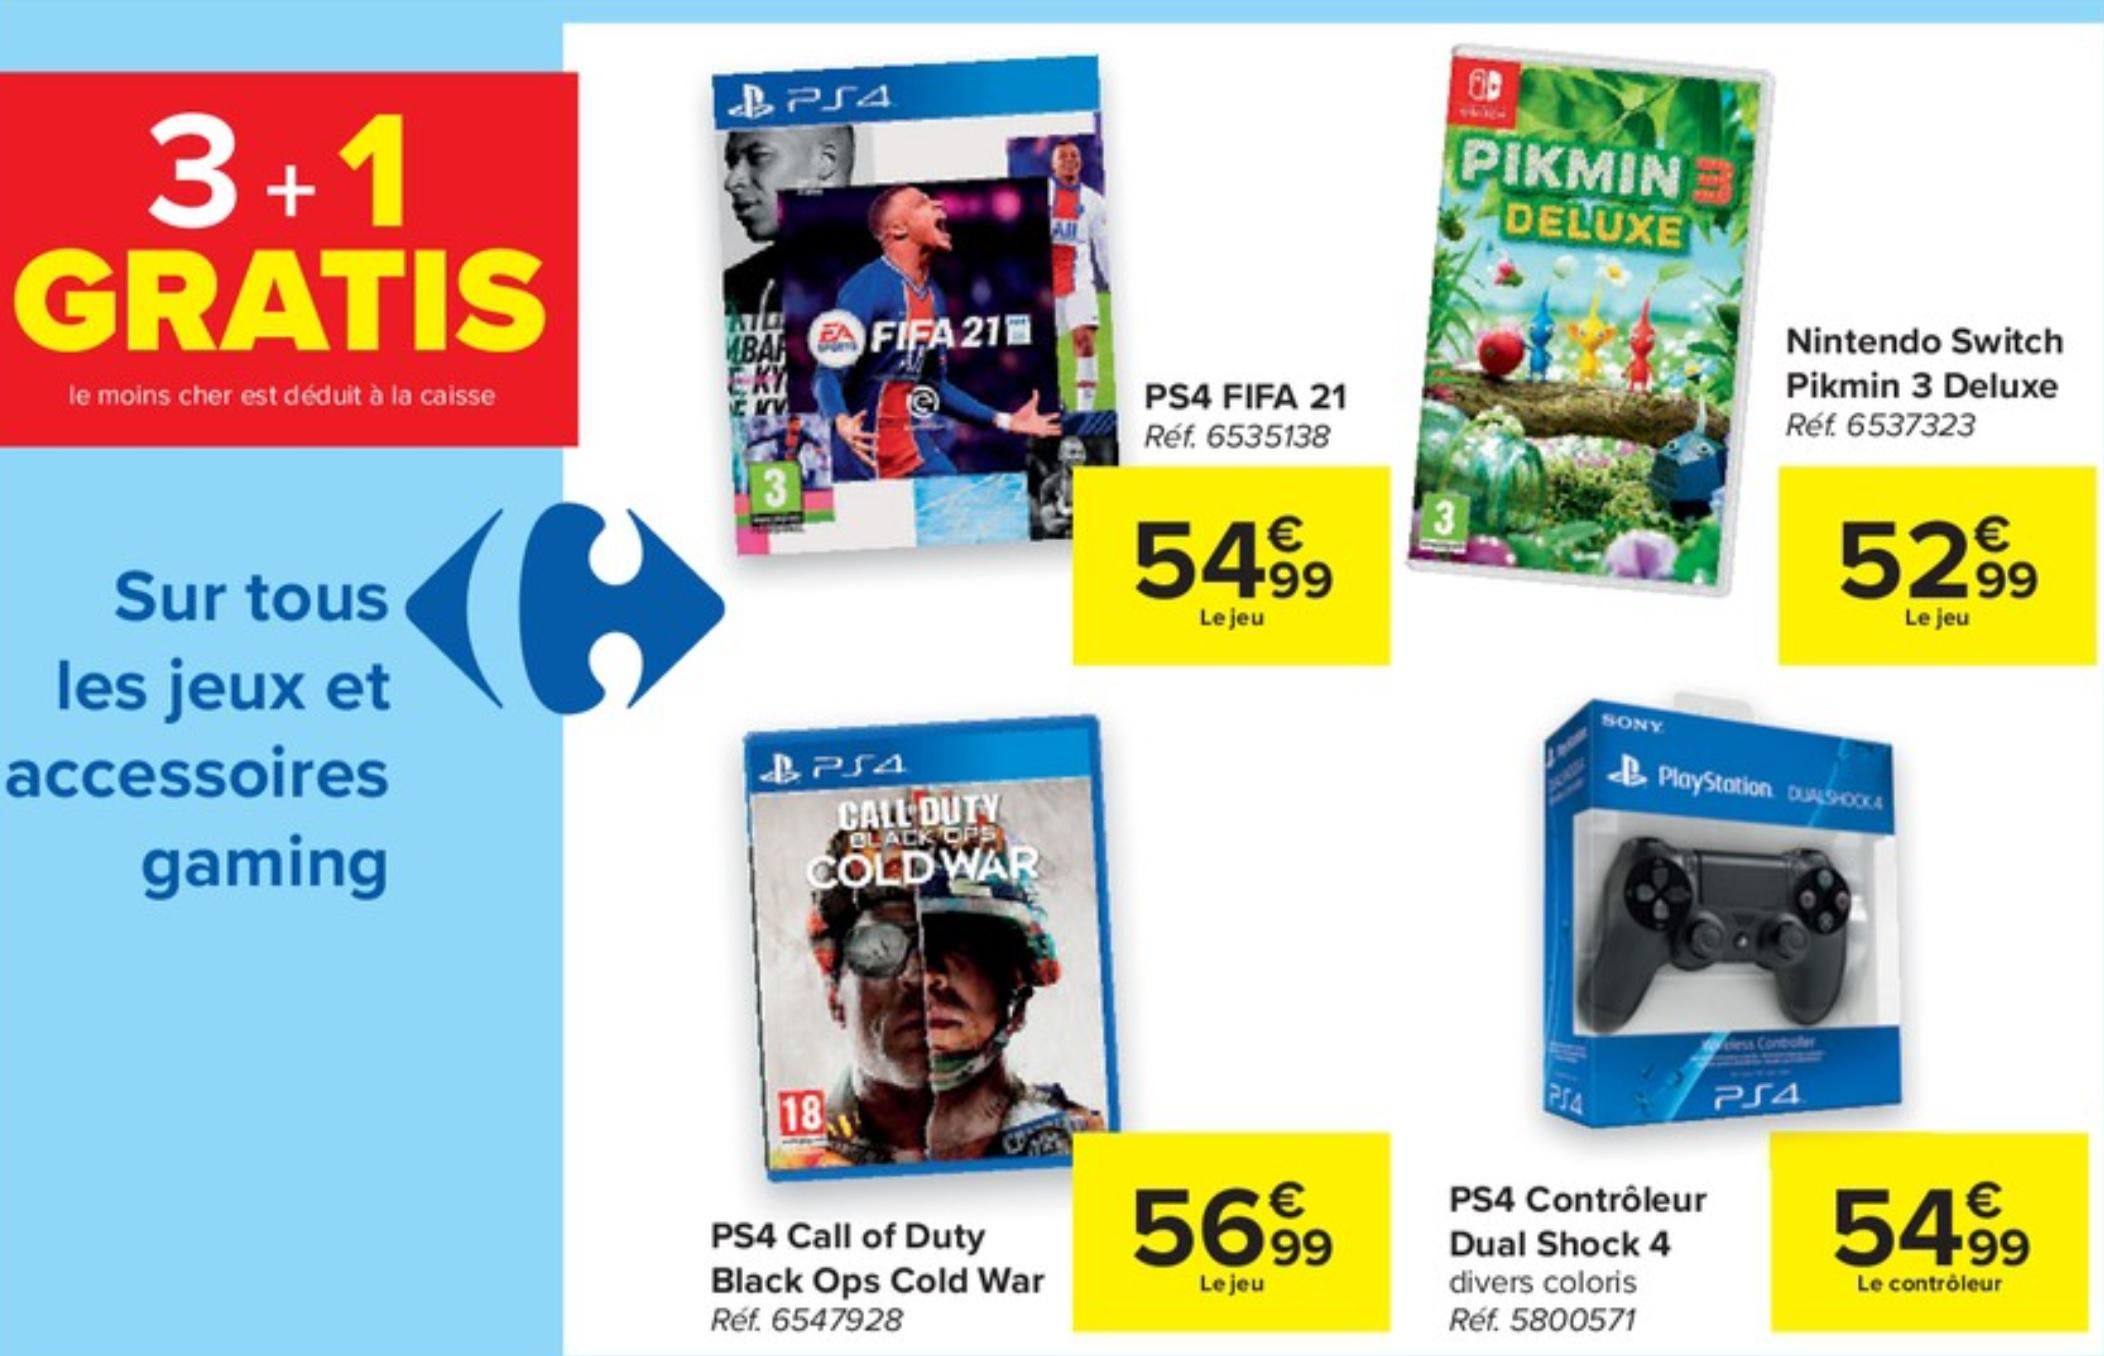 3 Jeux vidéo ou accessoires achetés = le 4ème gratuit (Le moins cher) - Carrefour (Frontalier Belgique)